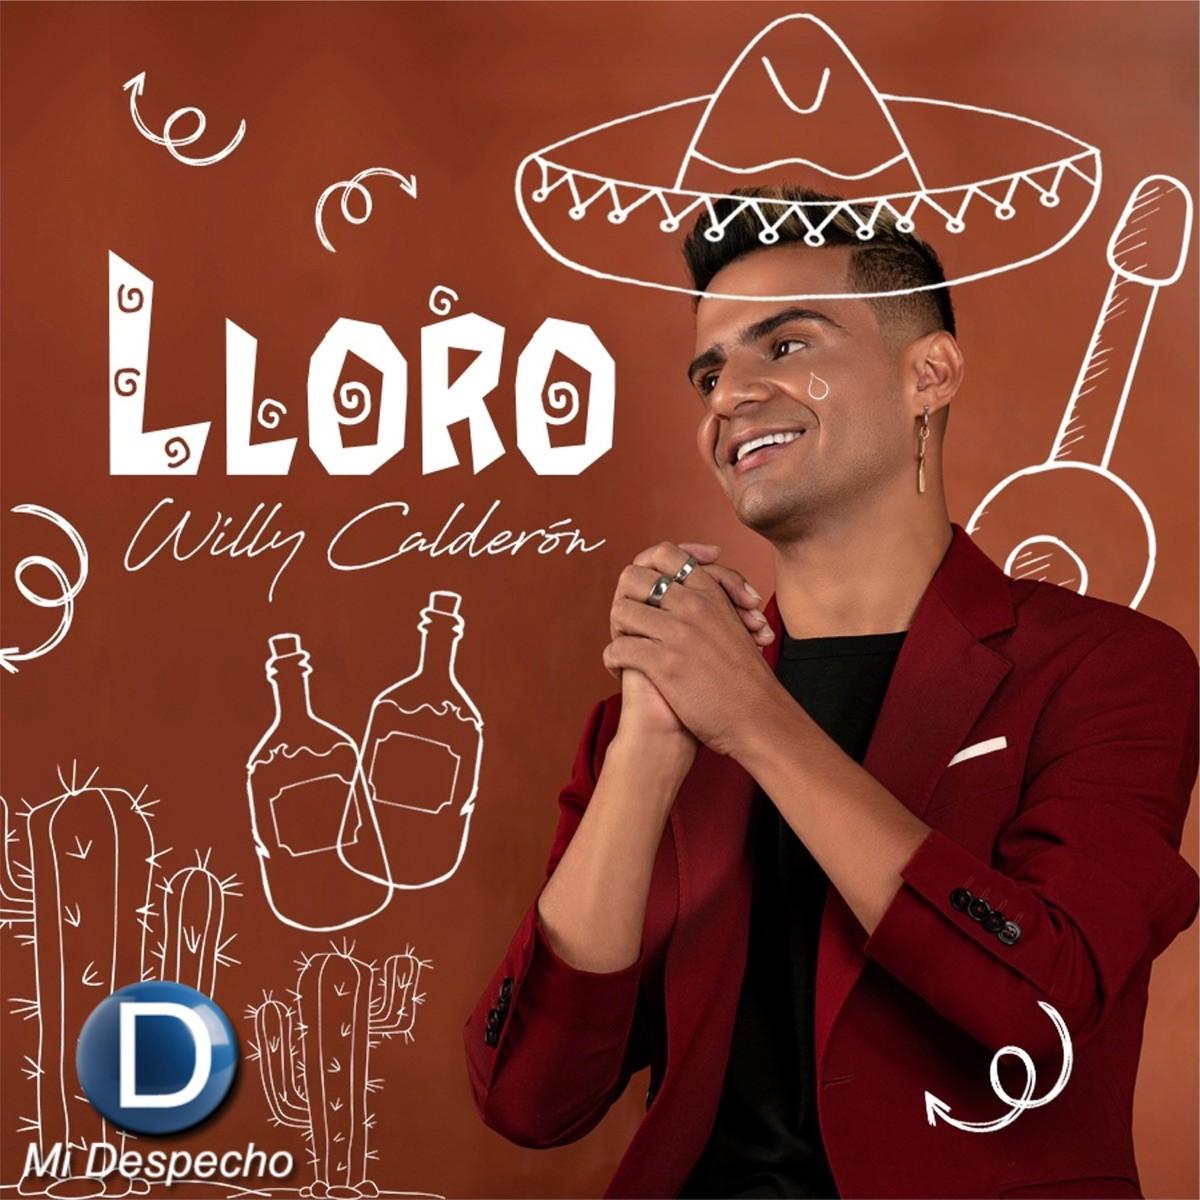 Willy Calderón Lloro Frontal